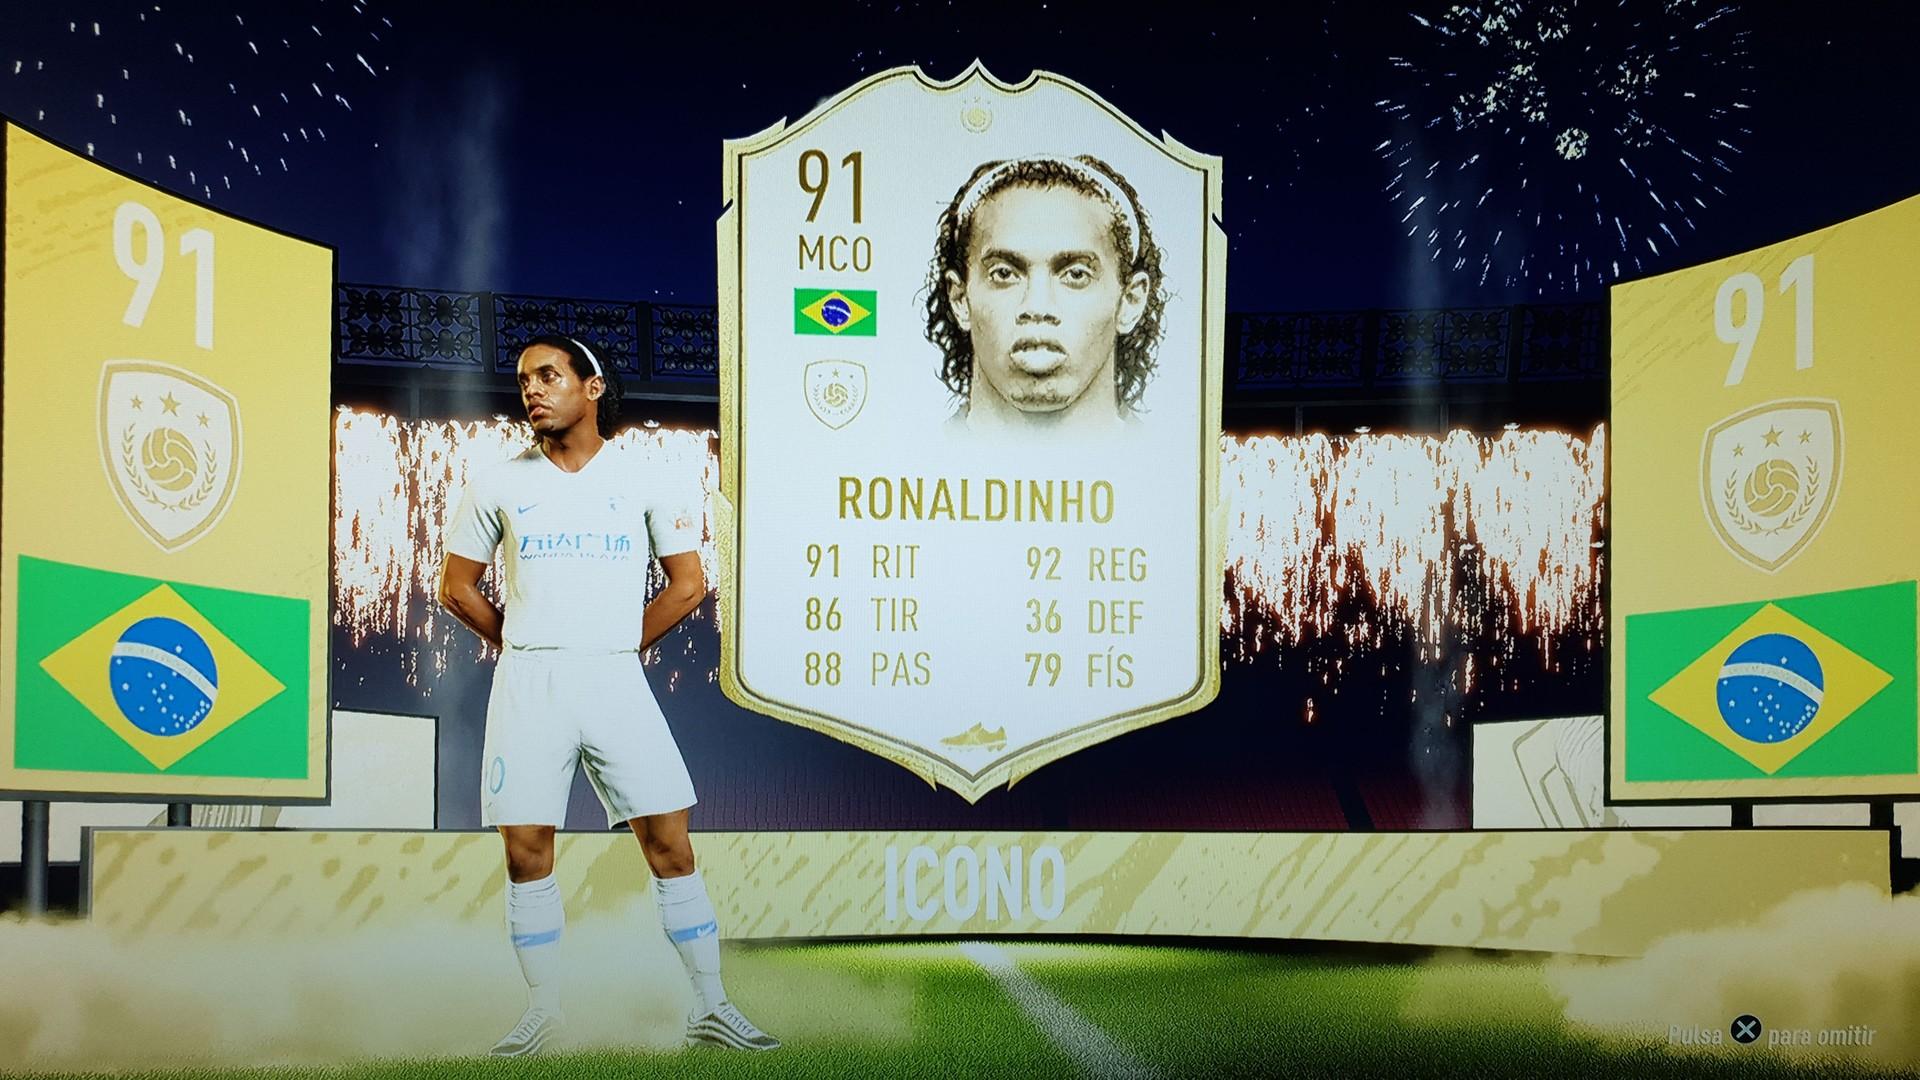 Ronaldinho en el ojo de la tormenta: ¿por qué podría ser eliminado de FIFA 20?